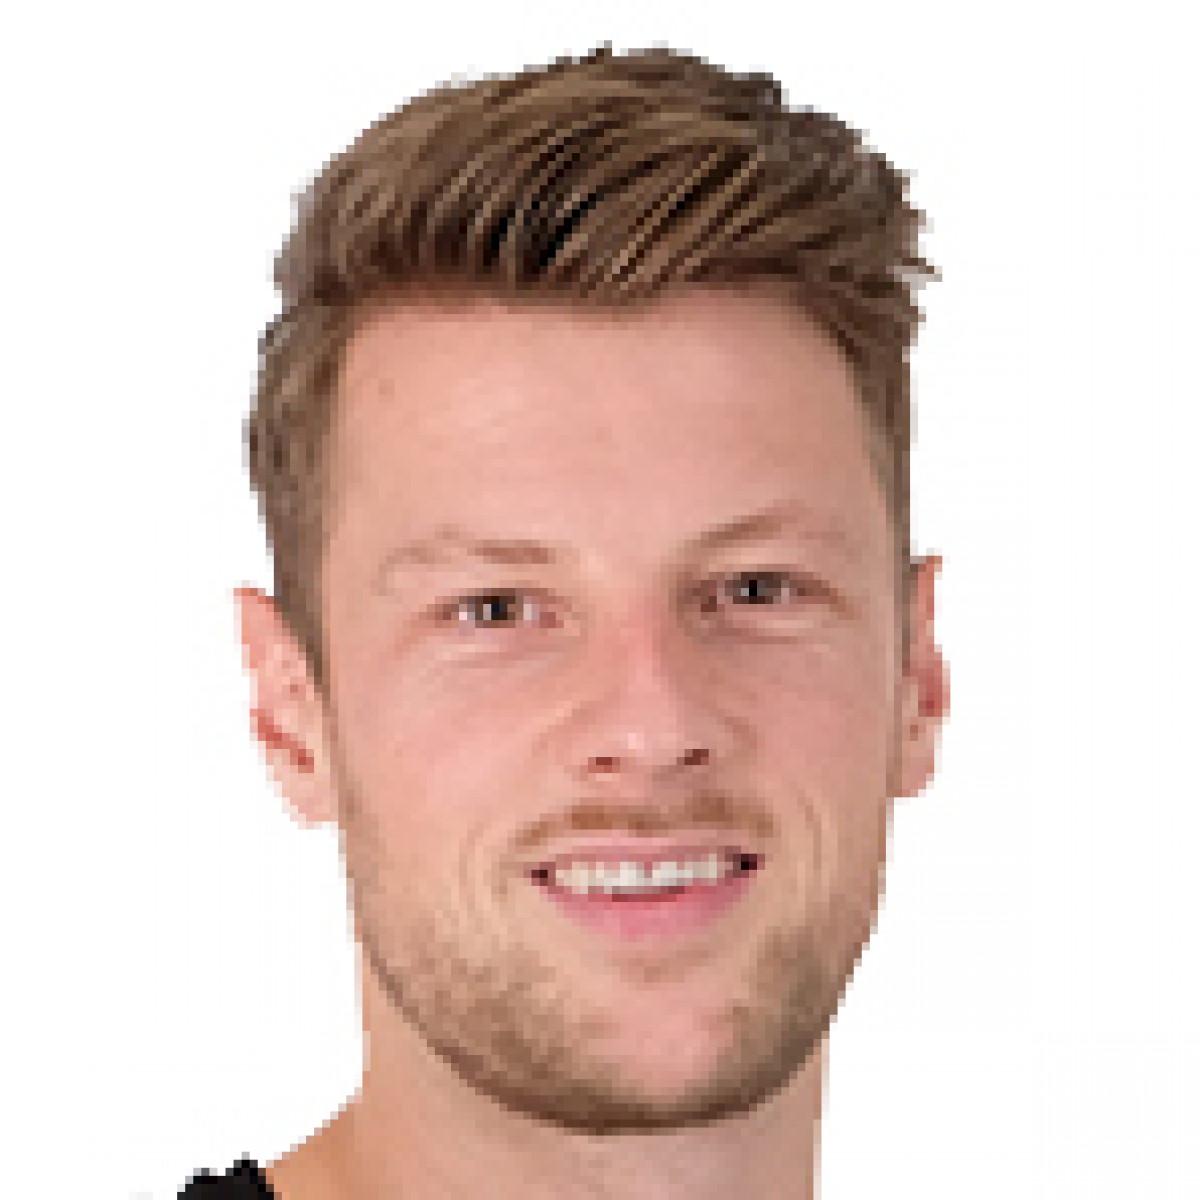 Sebastian Schroder